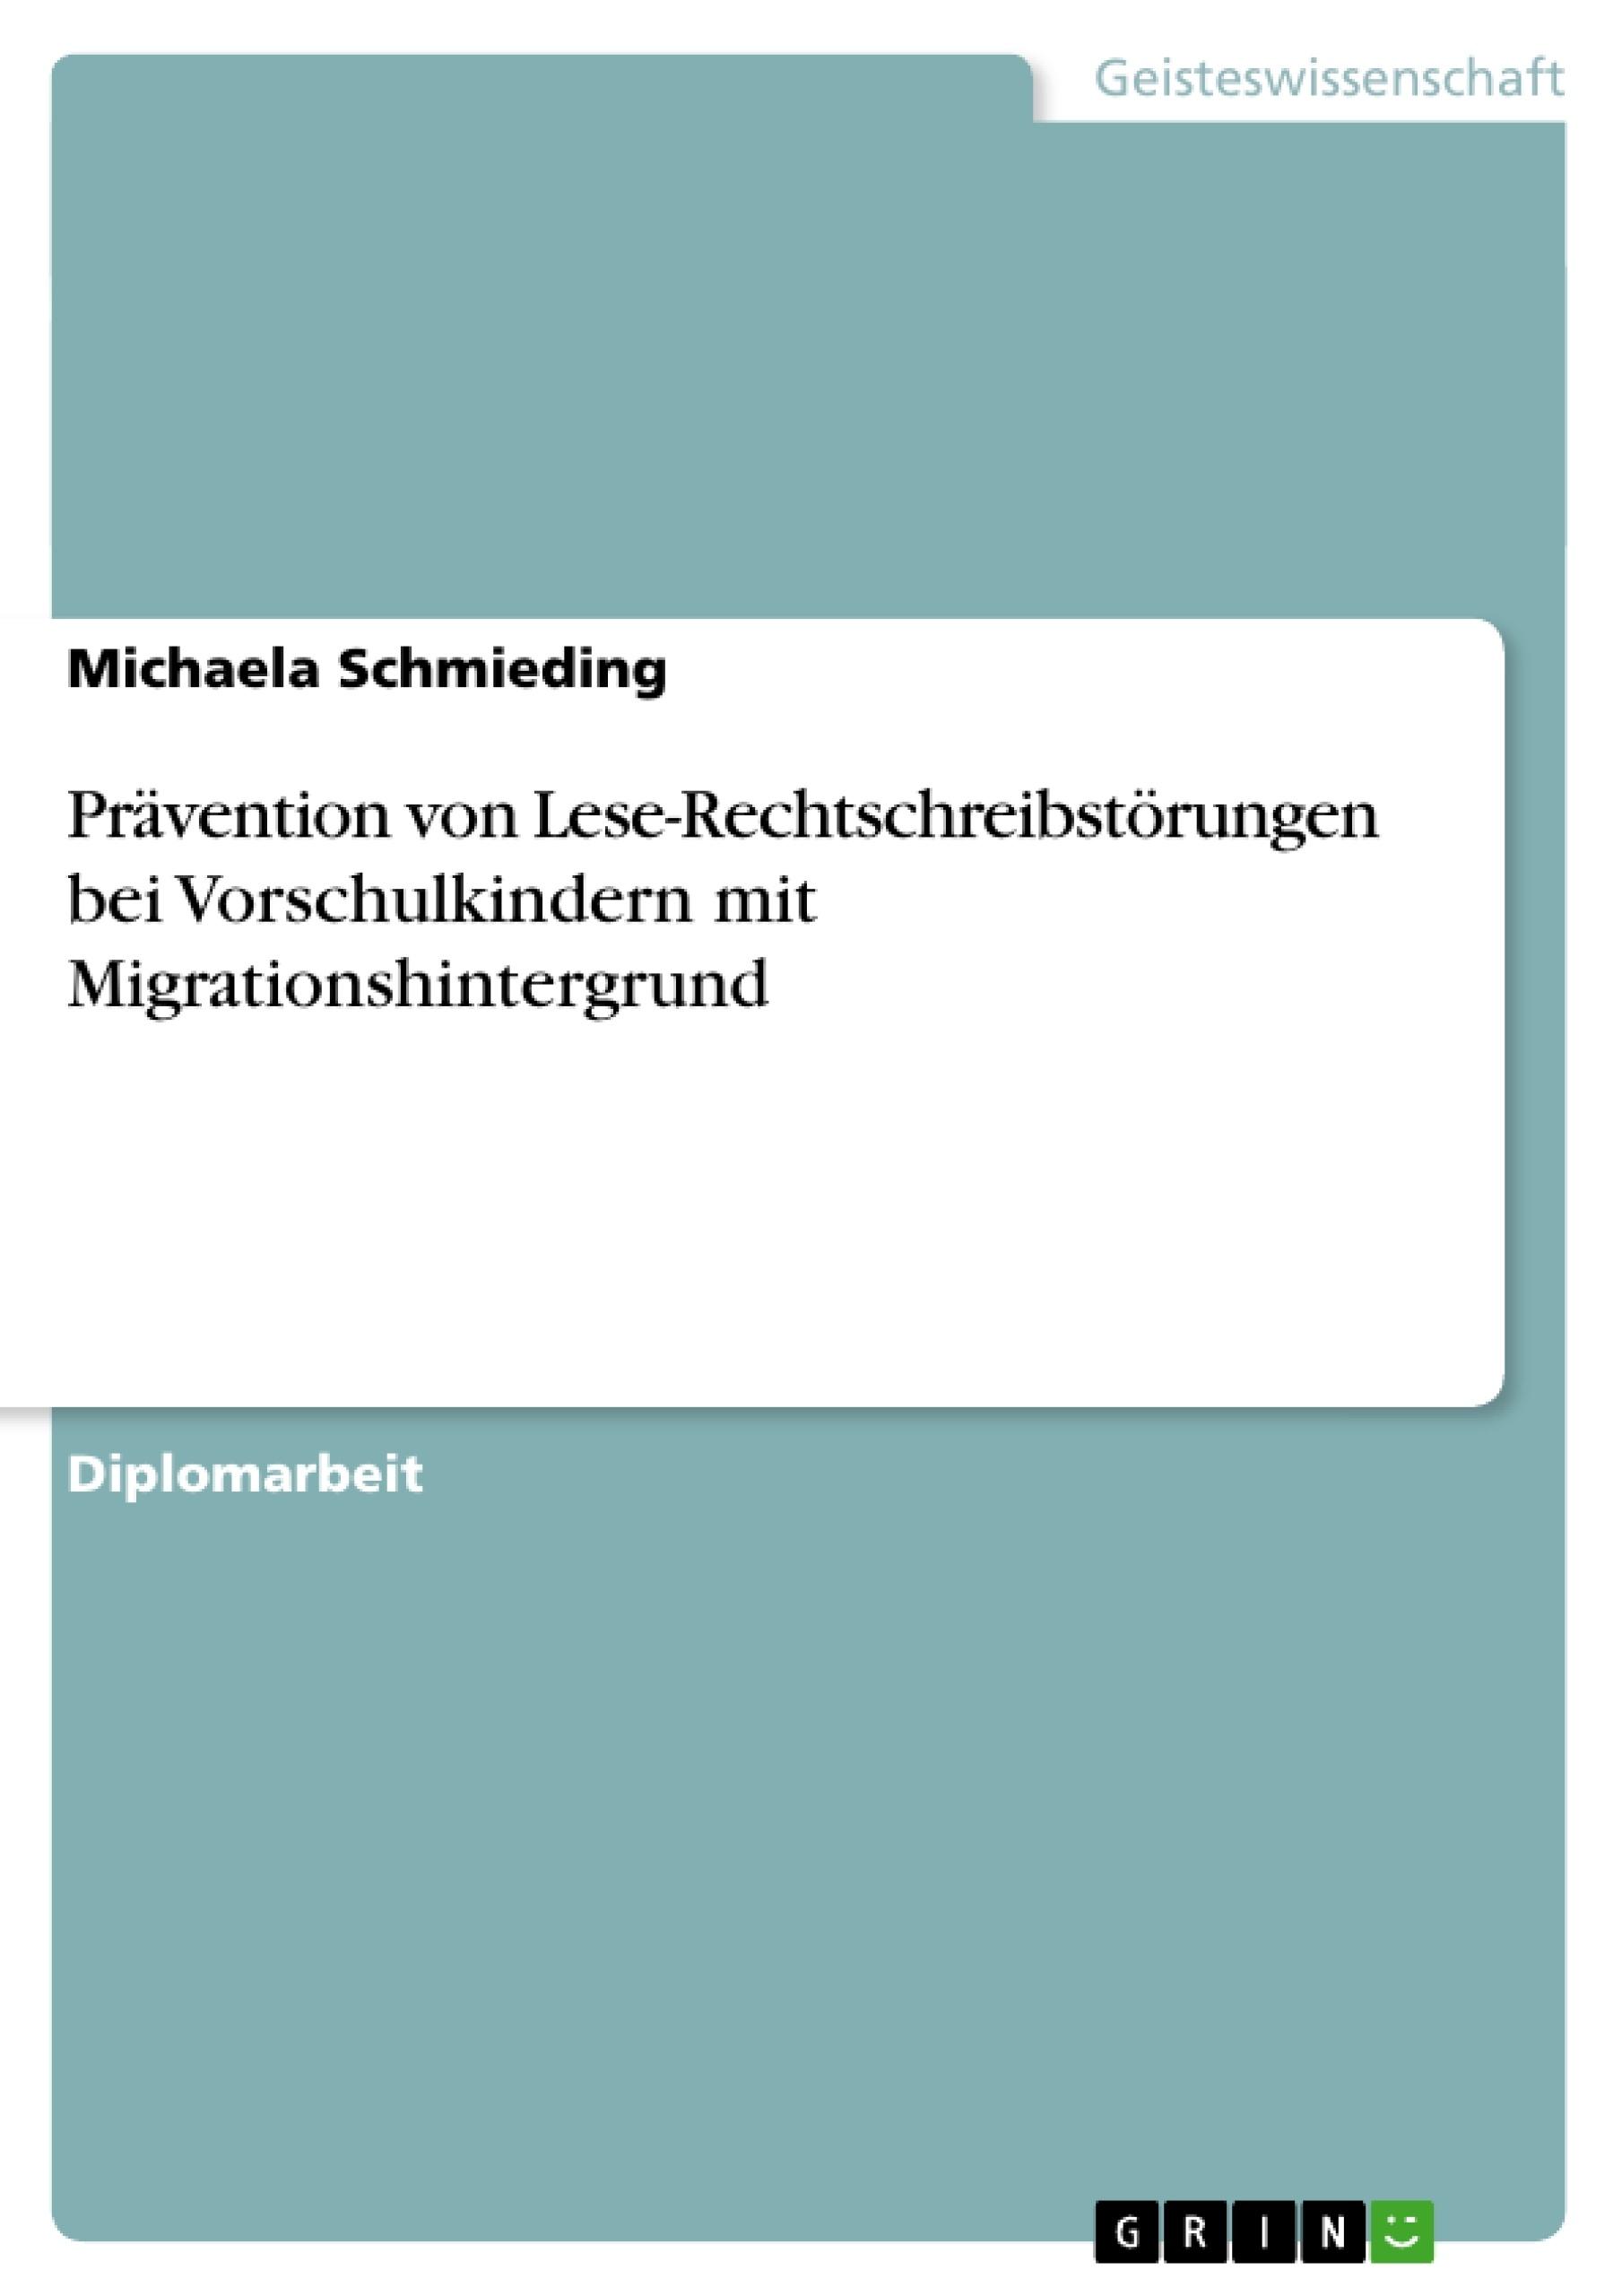 Titel: Prävention von Lese-Rechtschreibstörungen bei Vorschulkindern mit Migrationshintergrund